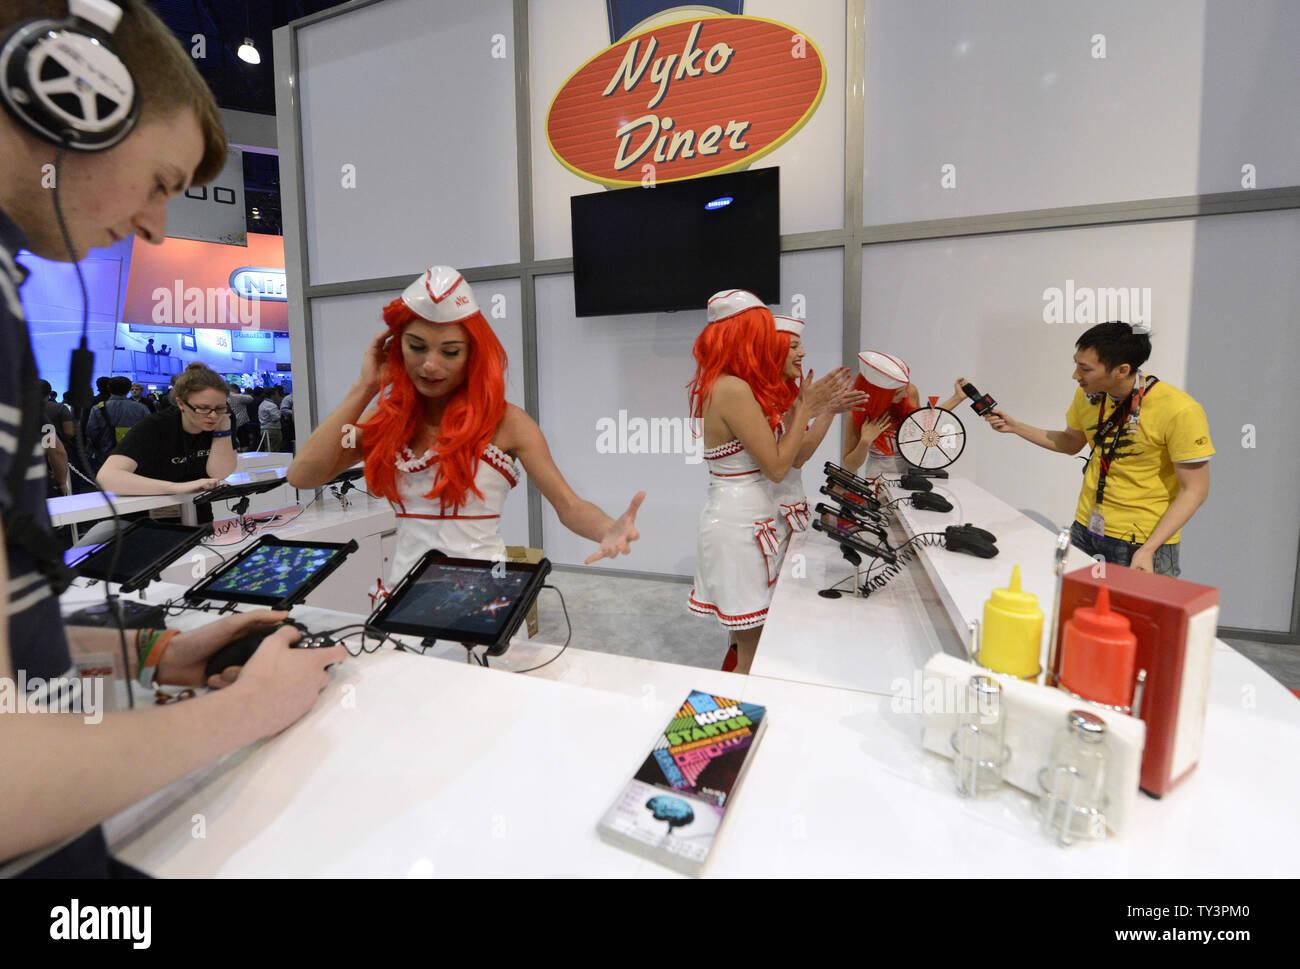 Il Nyko booth è decorata come un diner durante l'E3 (Electronic Entertainment Expo che si terrà presso il Convention Center di Los Angeles il 11 giugno 2013. UPI/Fil McCarten Foto Stock